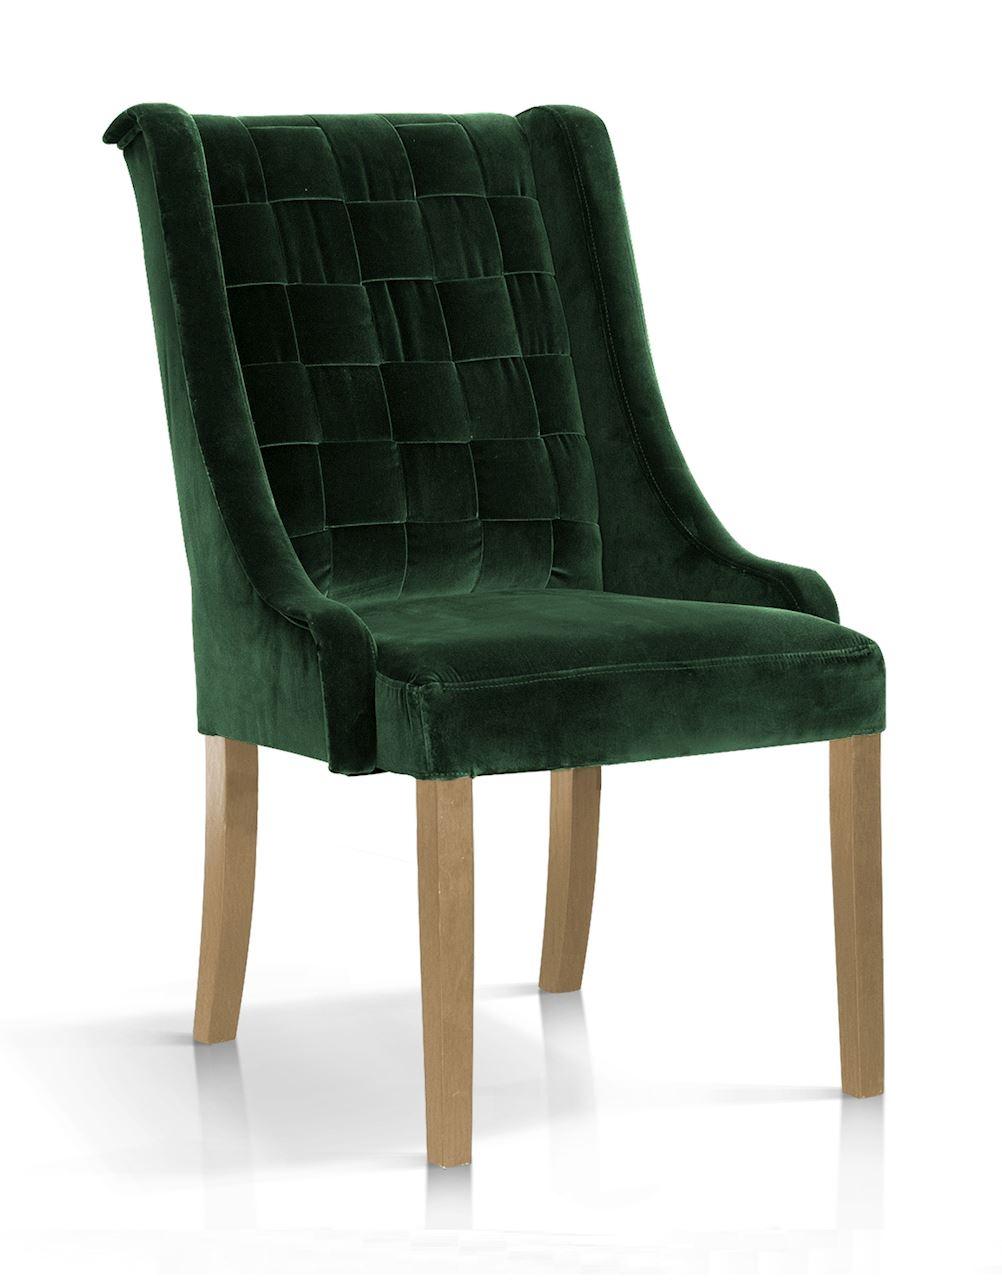 Scaun tapitat cu stofa, cu picioare din lemn Prince Verde / Stejar, l55xA70xH105 cm